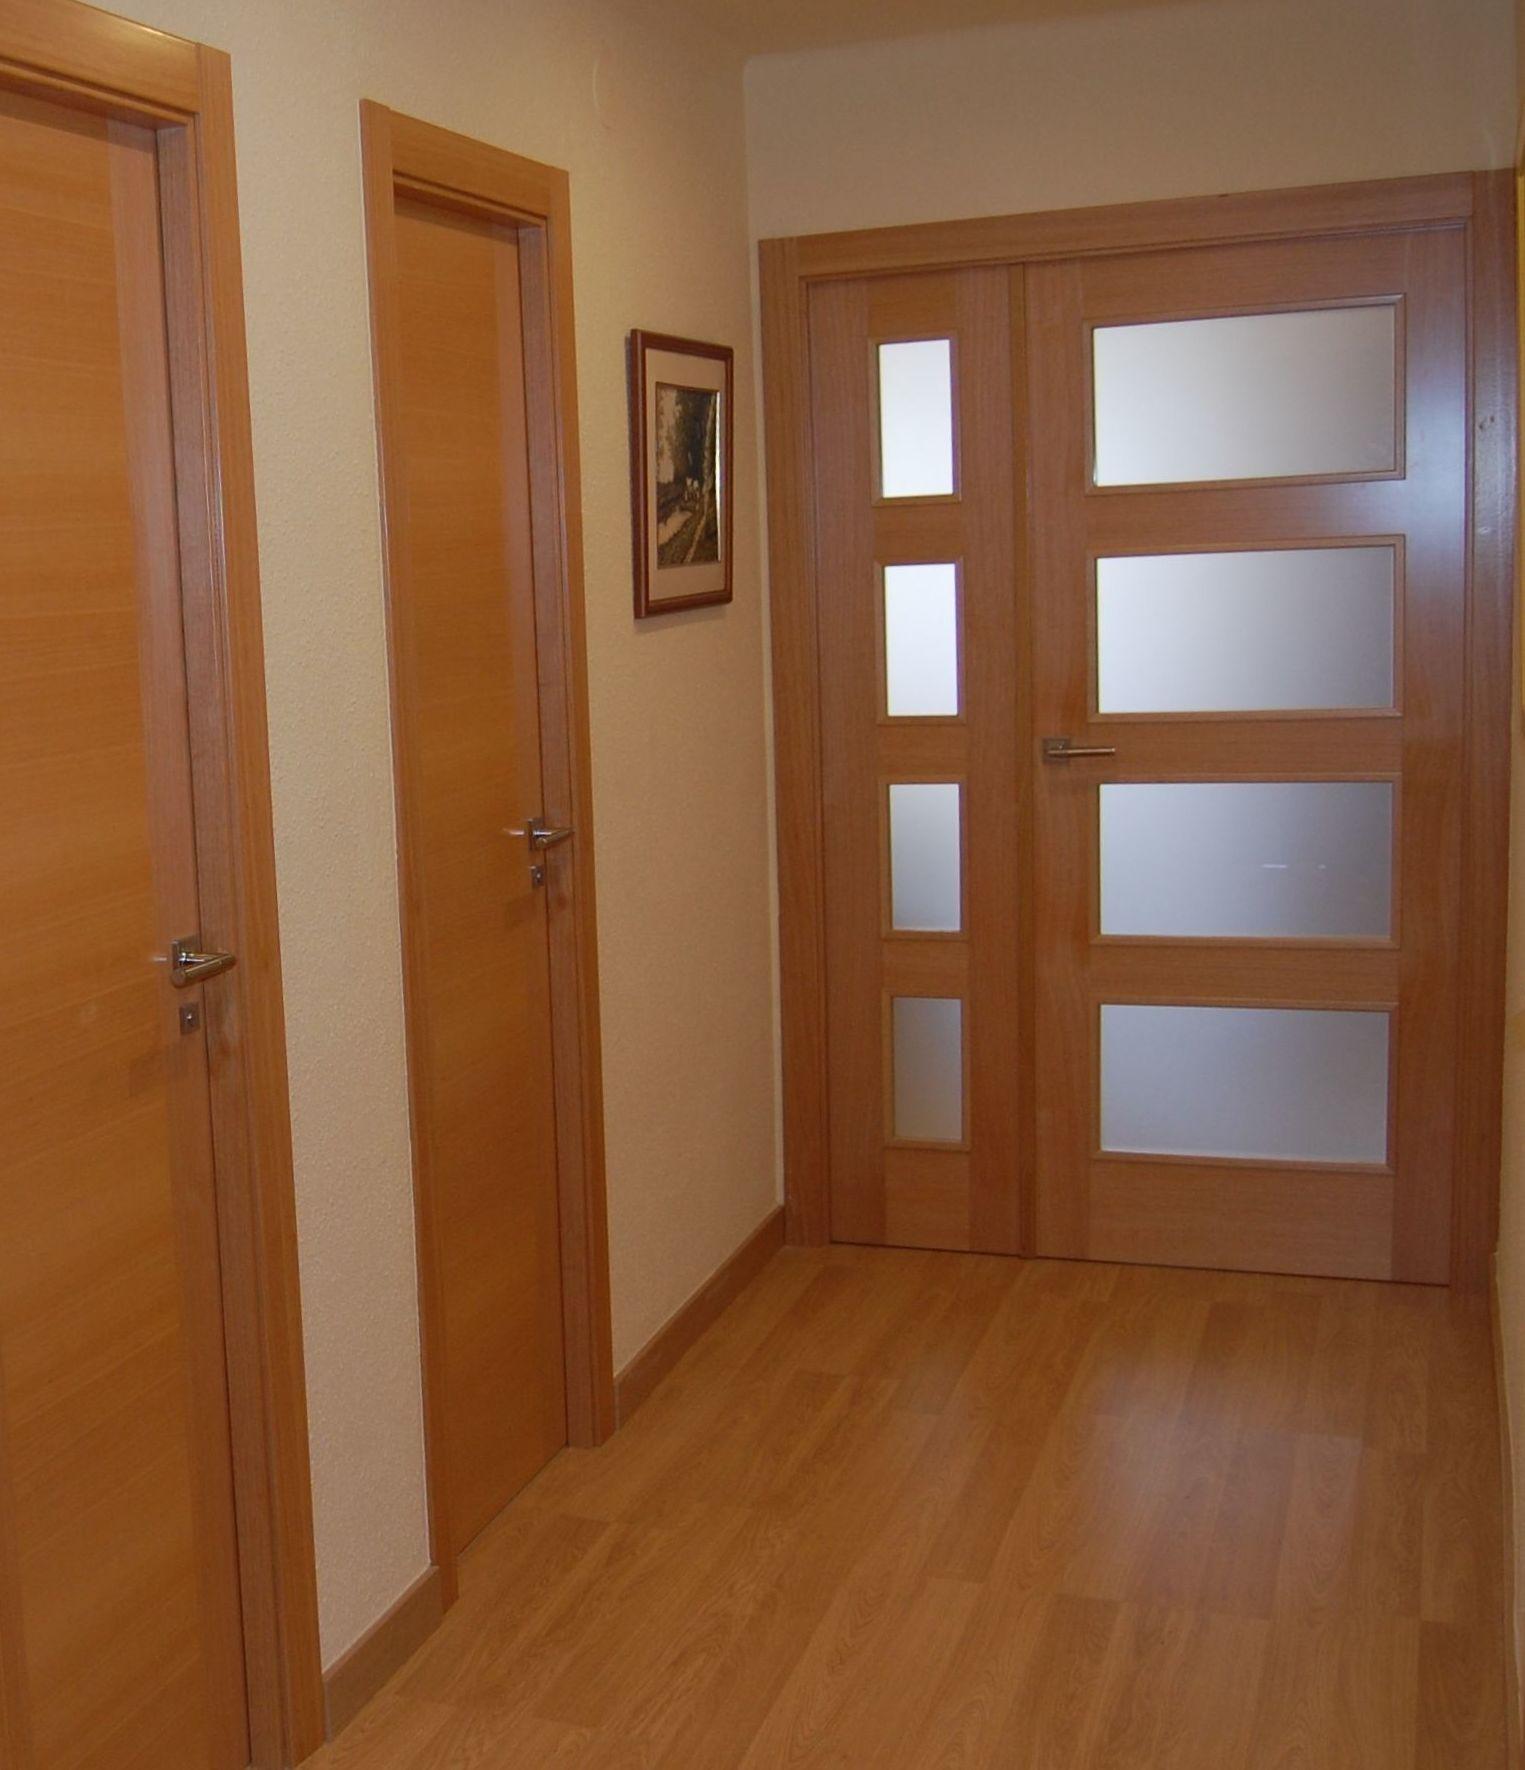 Puertas y parquets productos y servicios de cuines i - Ideas para suelos de interior ...